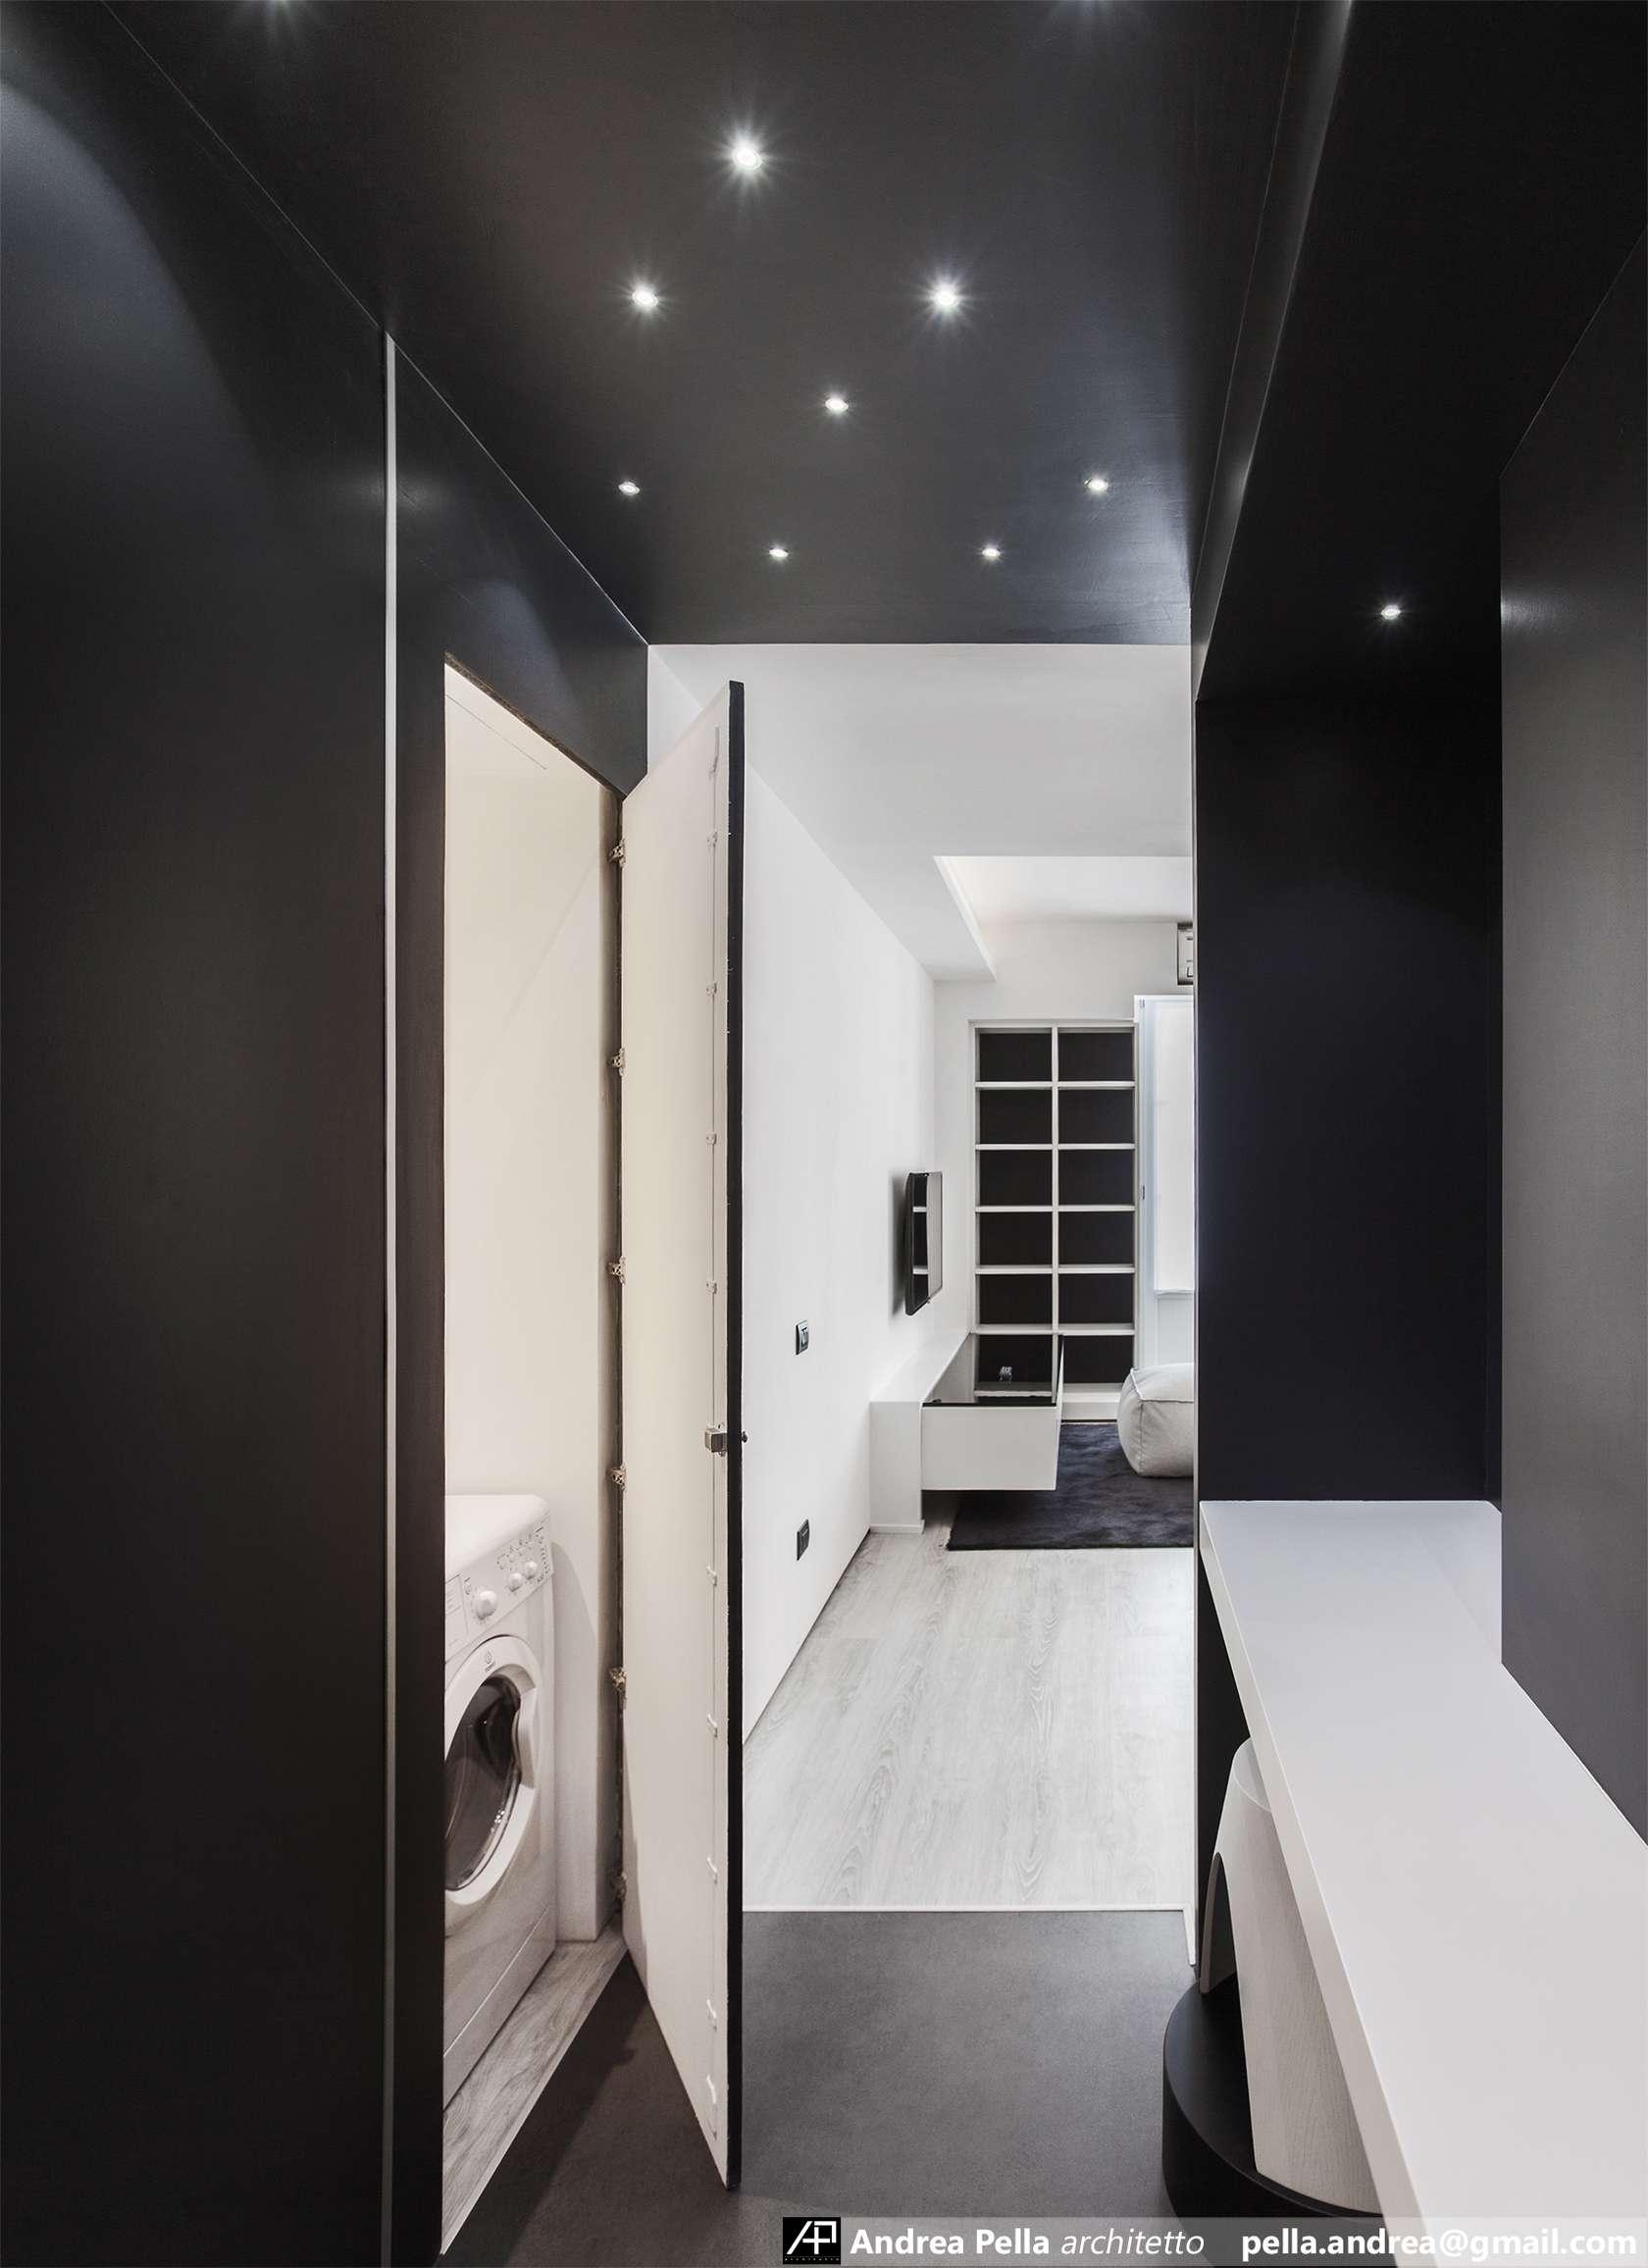 малък апартамент в минималистичен стил - 10